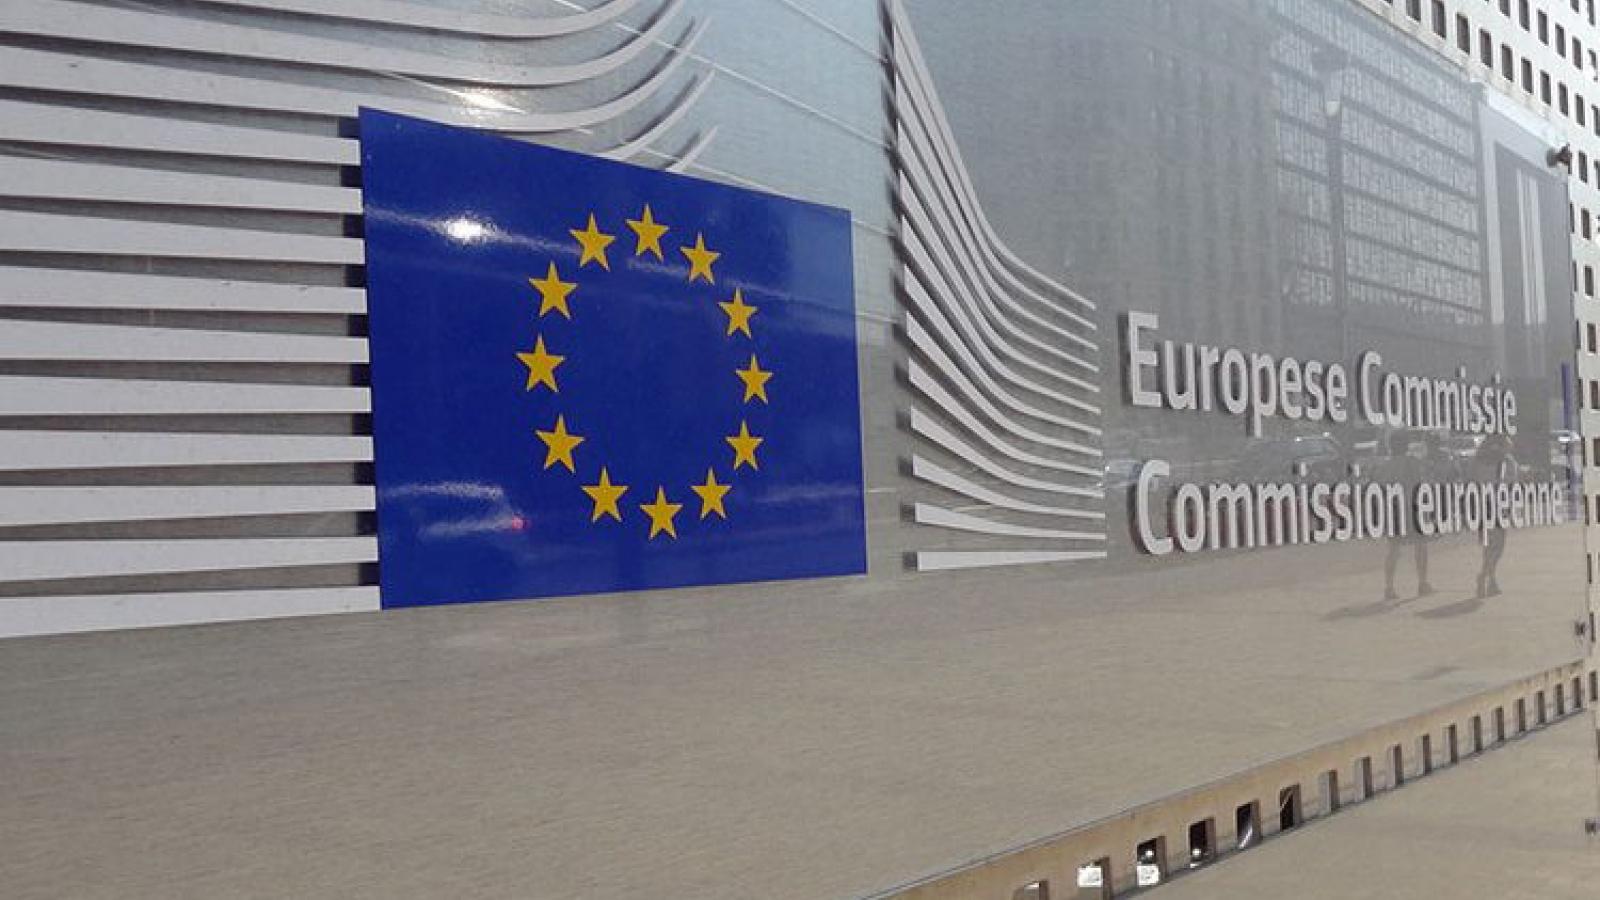 EC thông qua gói hỗ trợ 70 triệu euro cho các nước Tây Balkan tiếp cận vaccine Covid-19